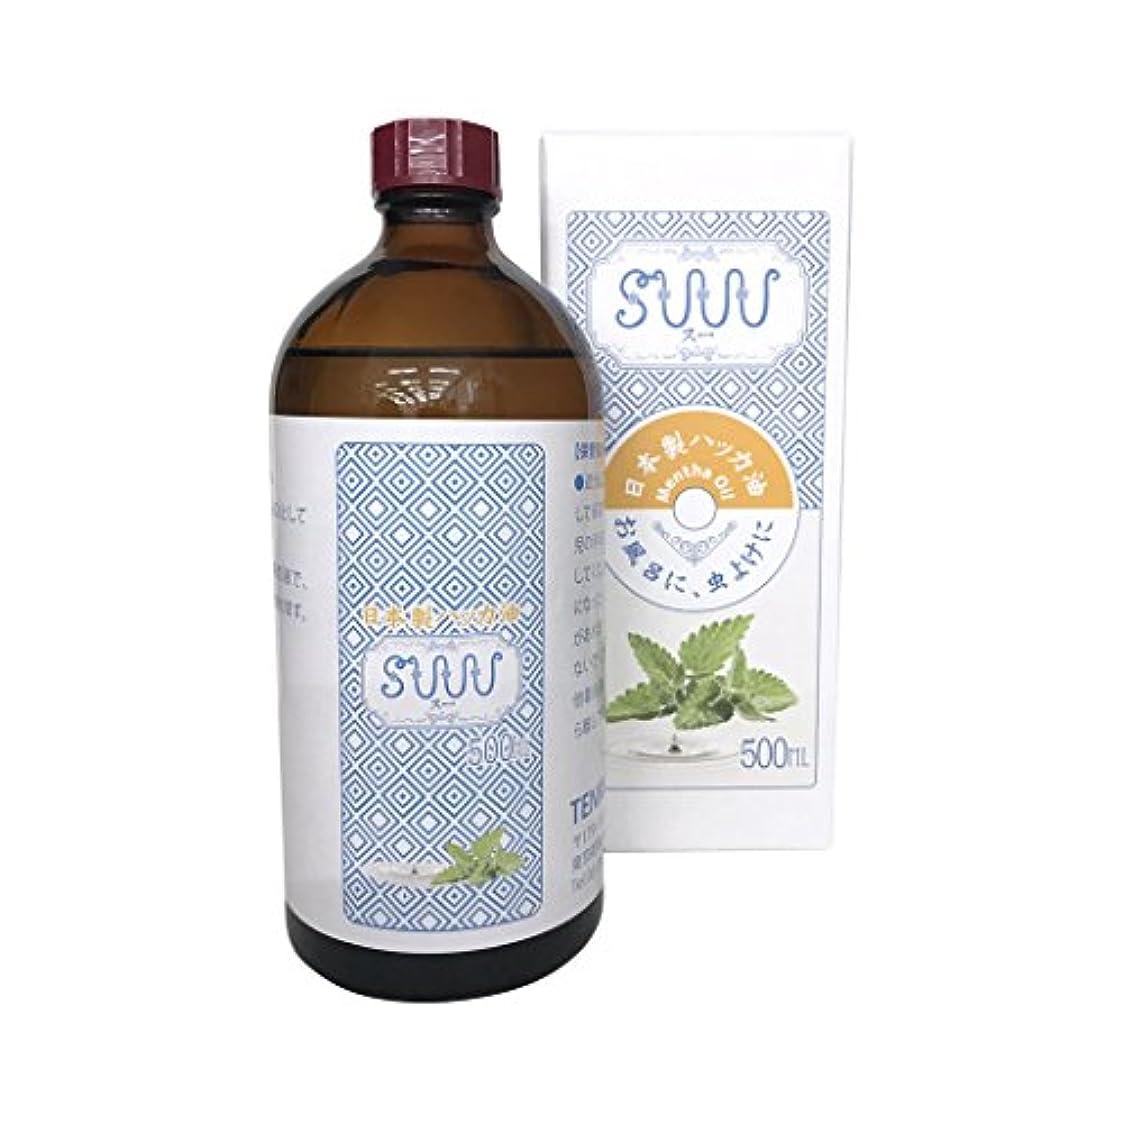 一口違反する贈り物【日本製】 ハッカ油 500ml (ハッカ油のSUUU)